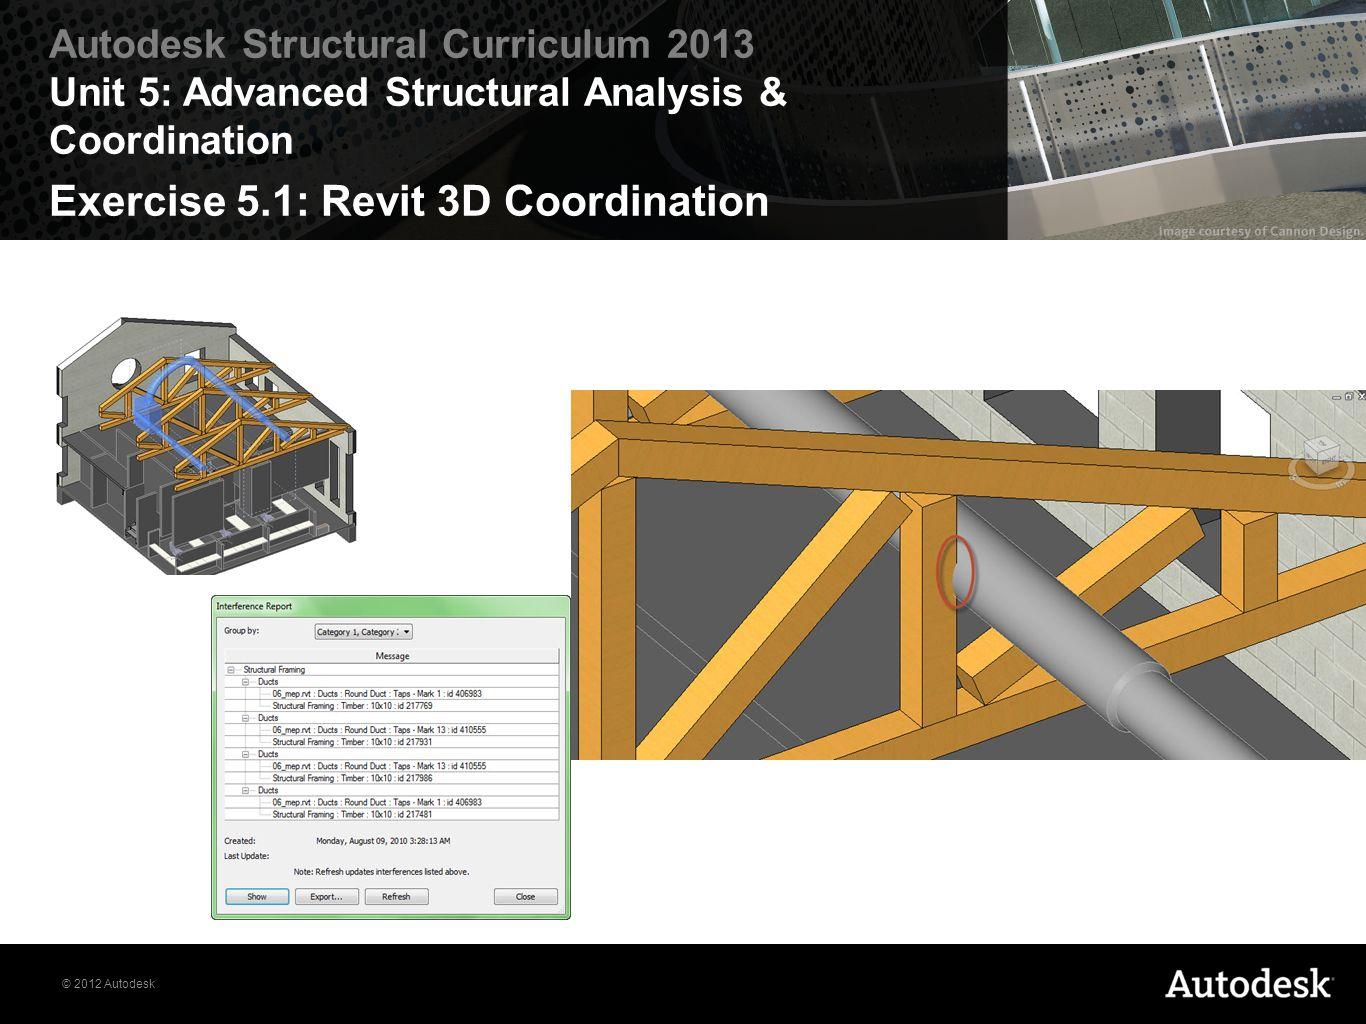 2012 Autodesk Autodesk Structural Curriculum 2013 Unit 5